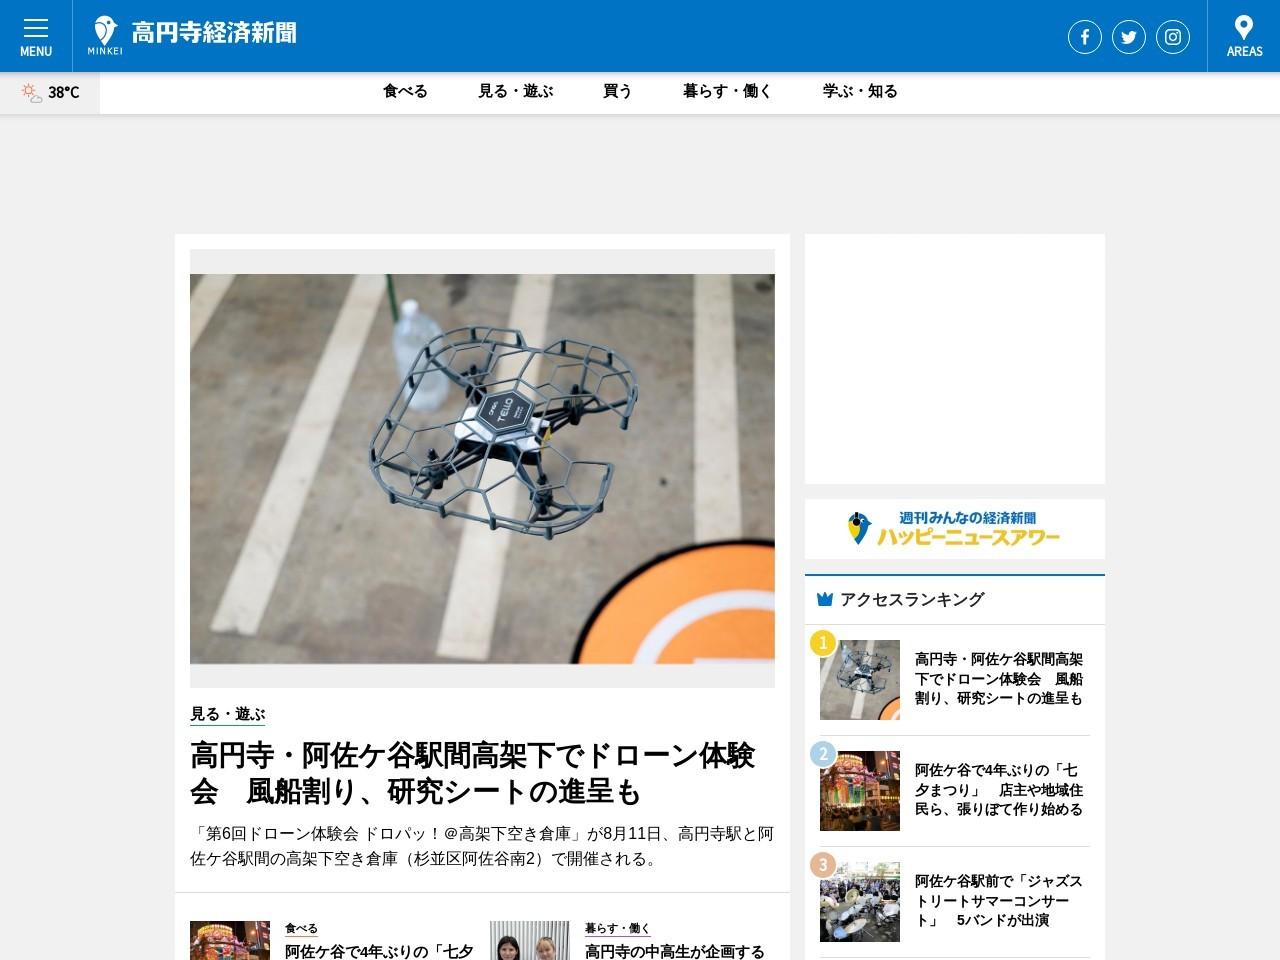 高円寺で今年も「カレーなる戦い」 投票形式で「グルメランキング」上位発表も